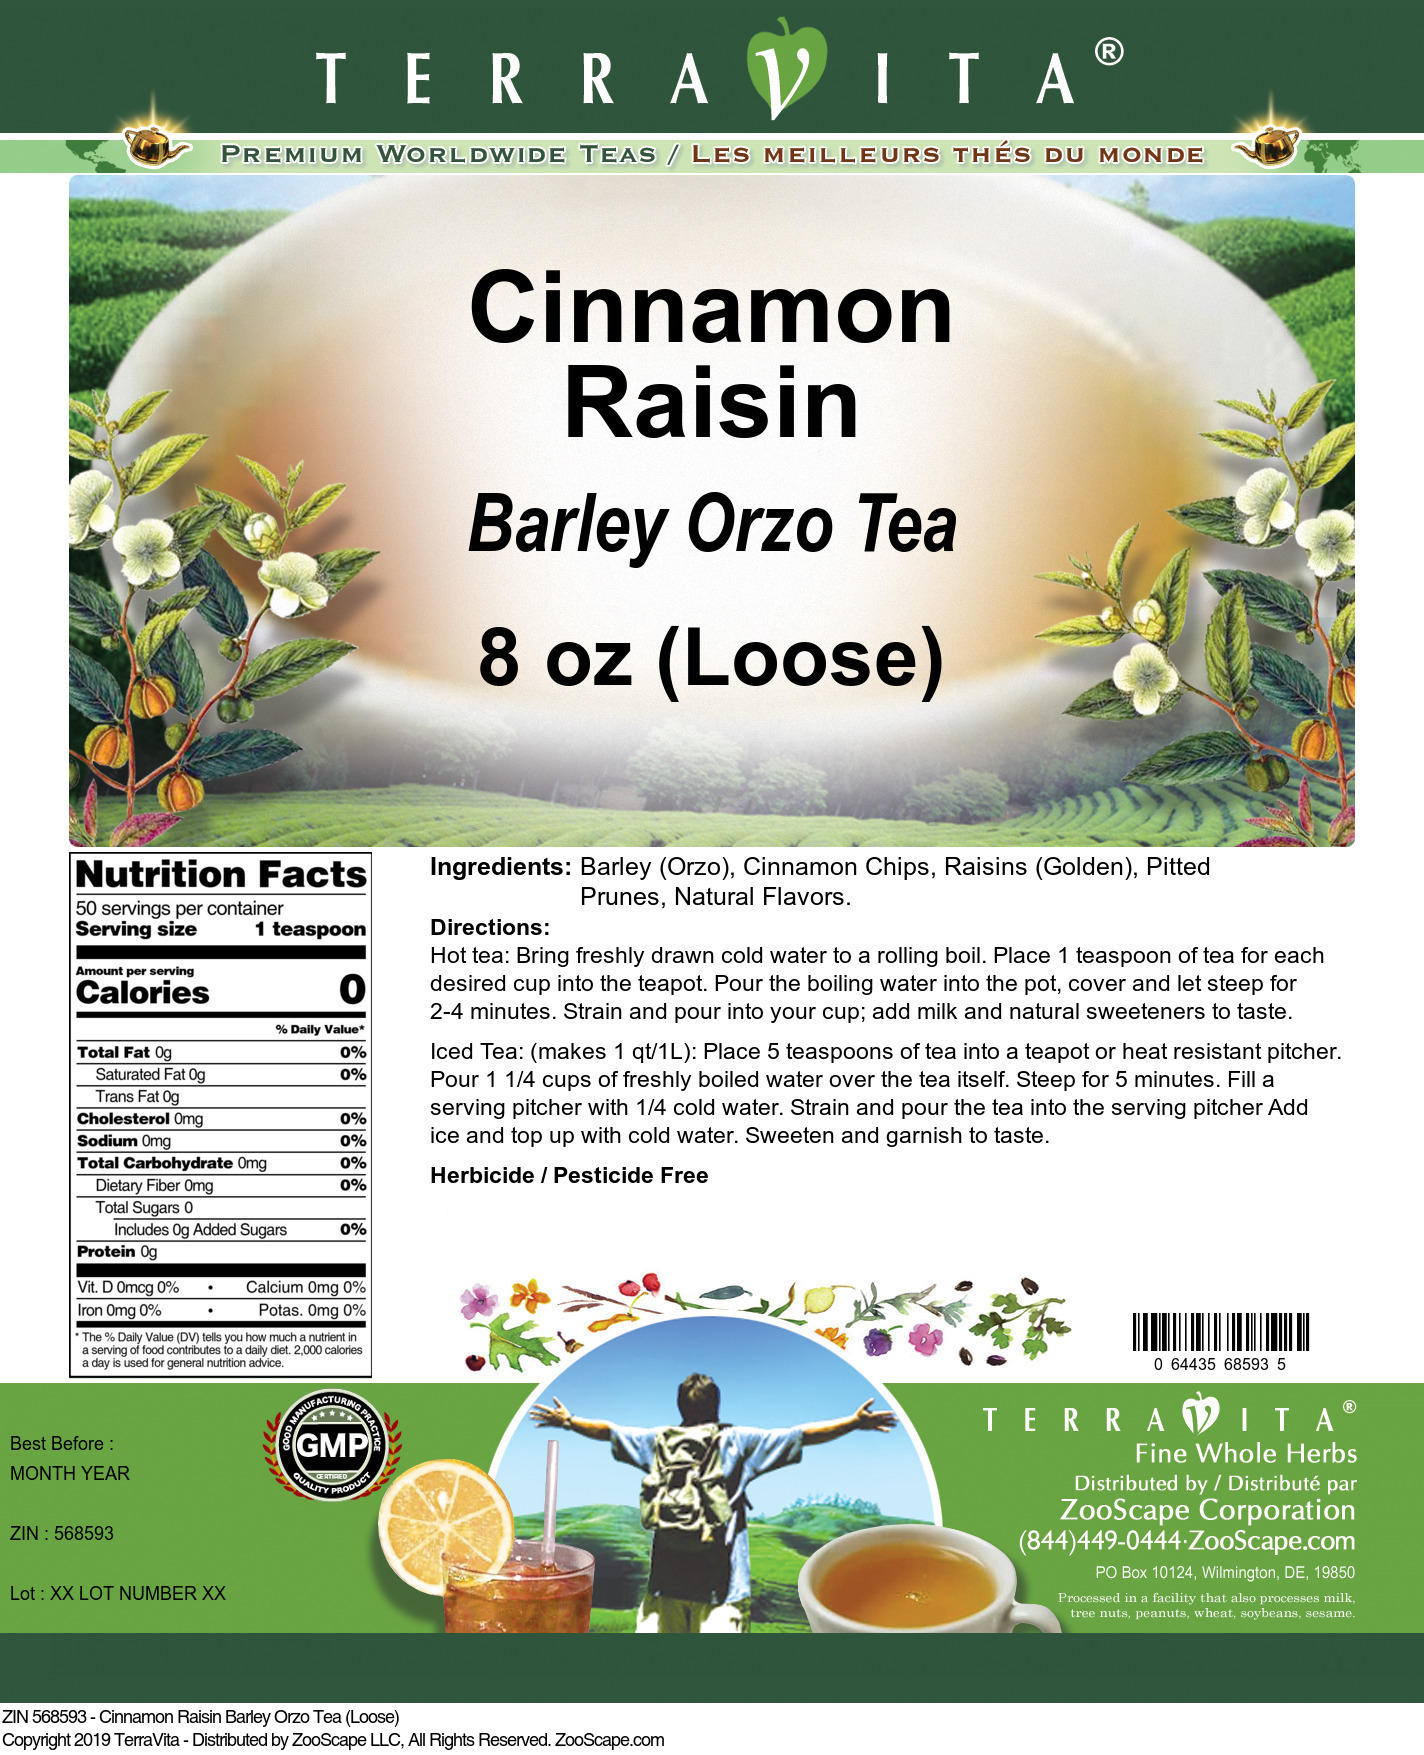 Cinnamon Raisin Barley Orzo Tea (Loose)